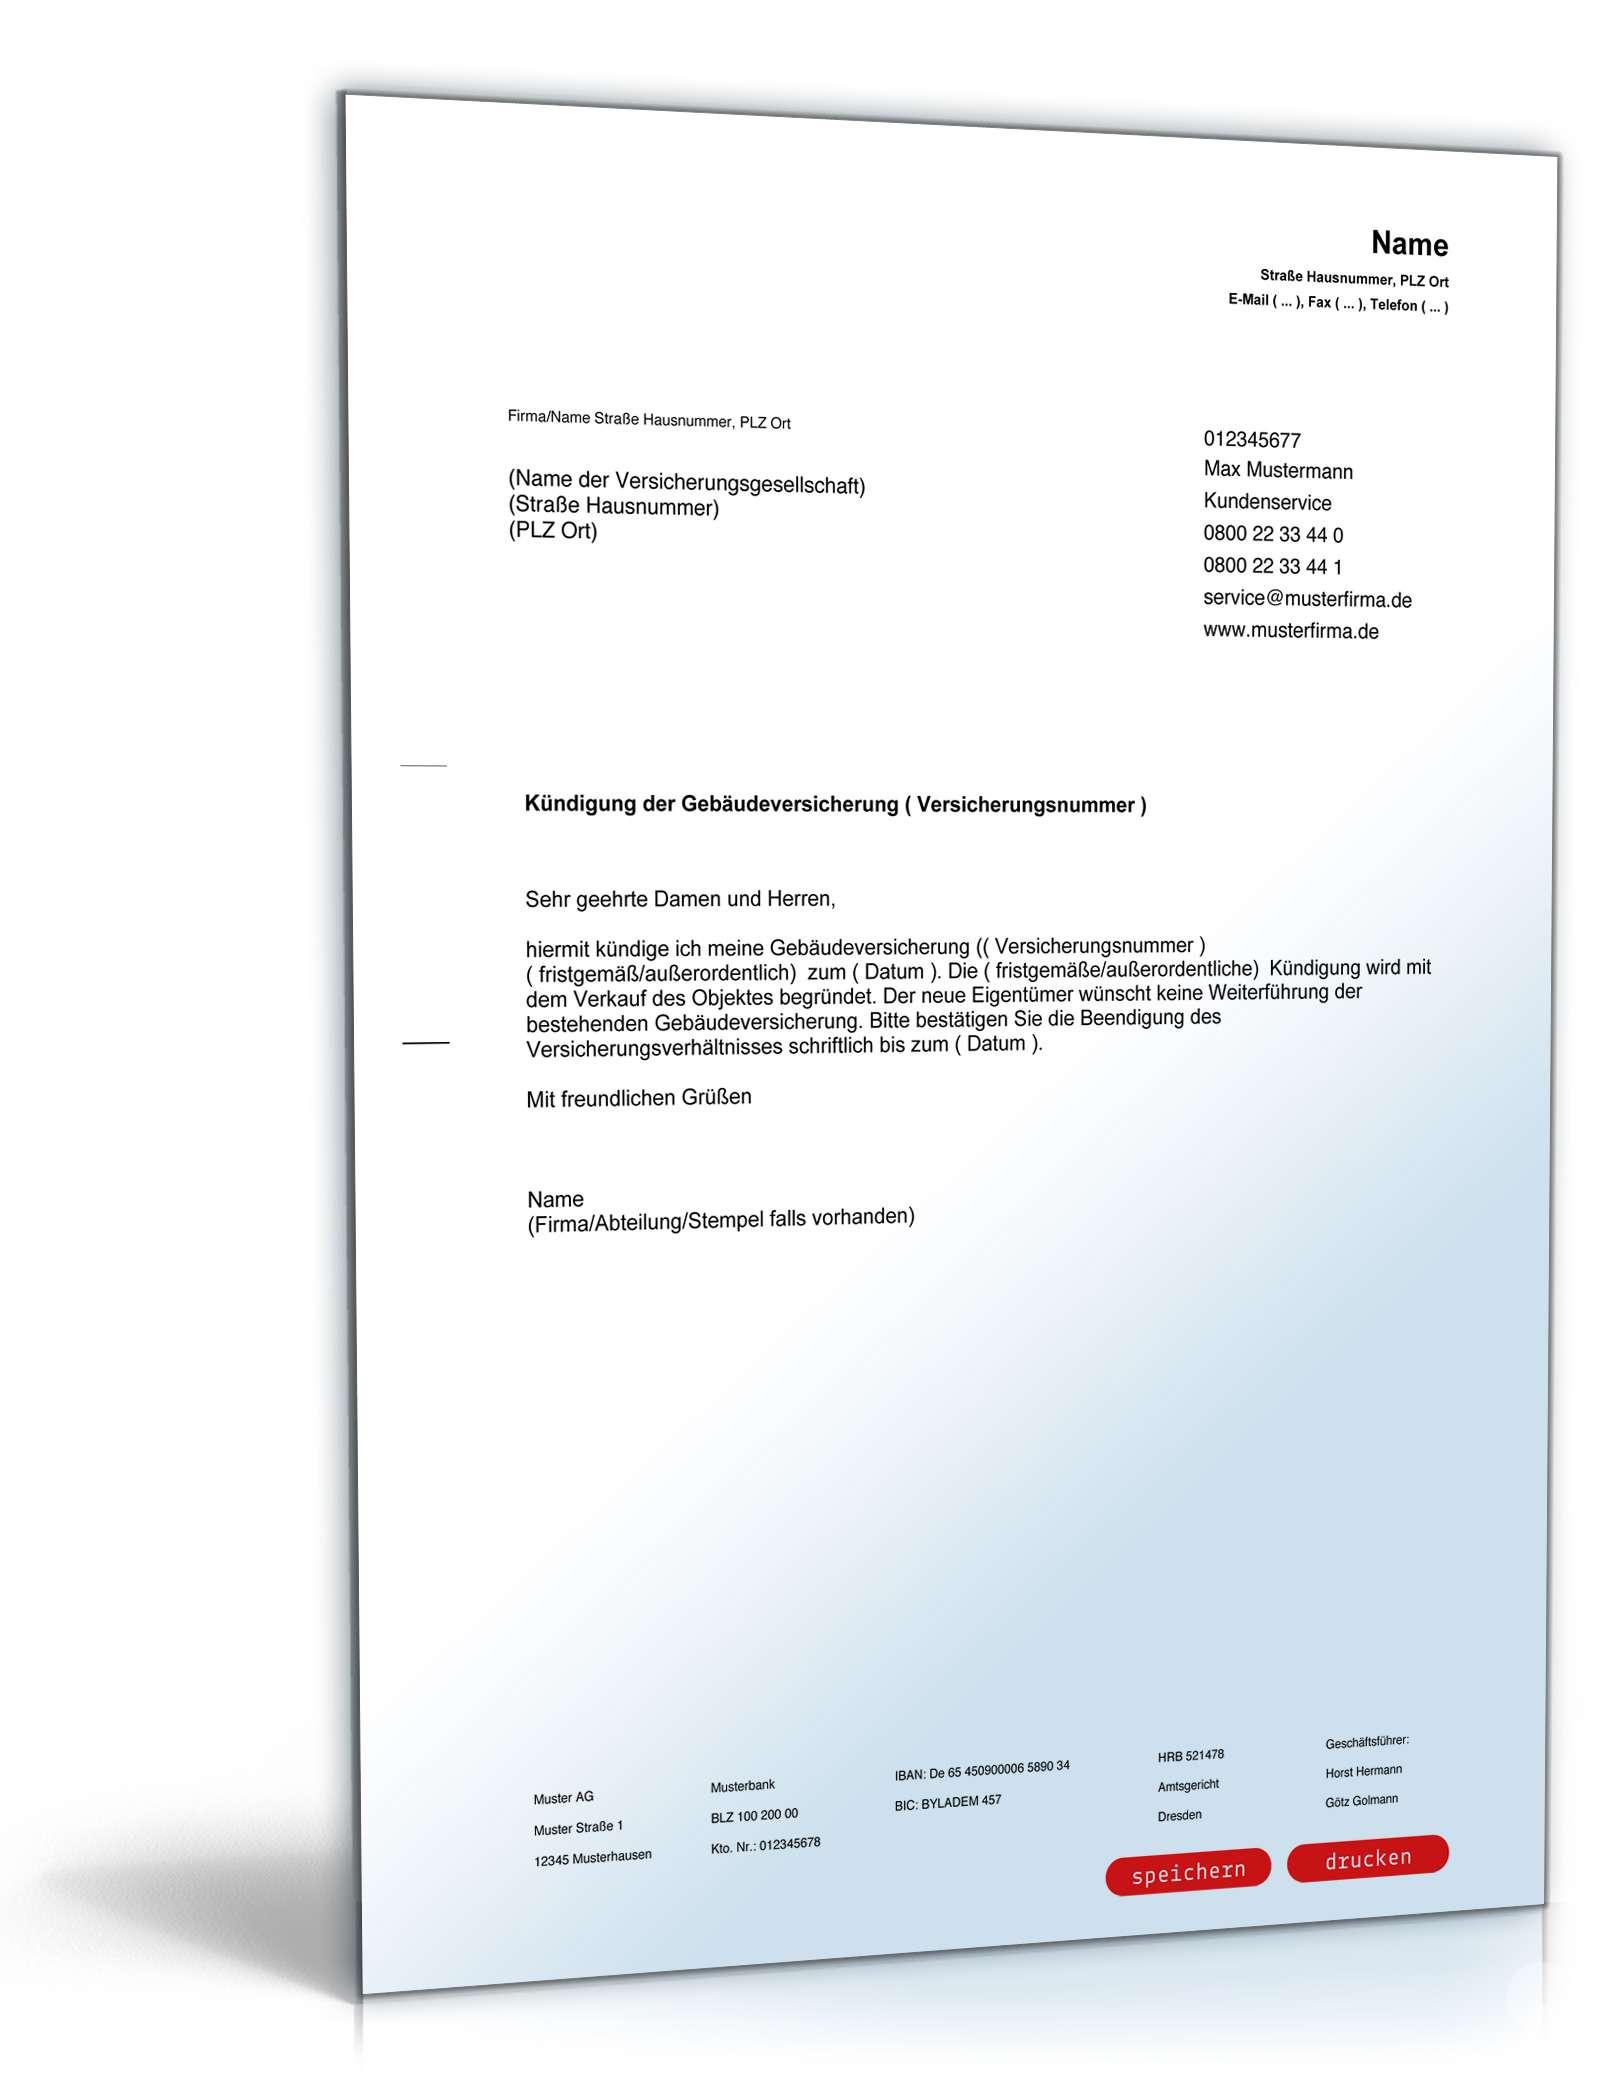 Kündigung Gebäudeversicherung Muster Zum Download